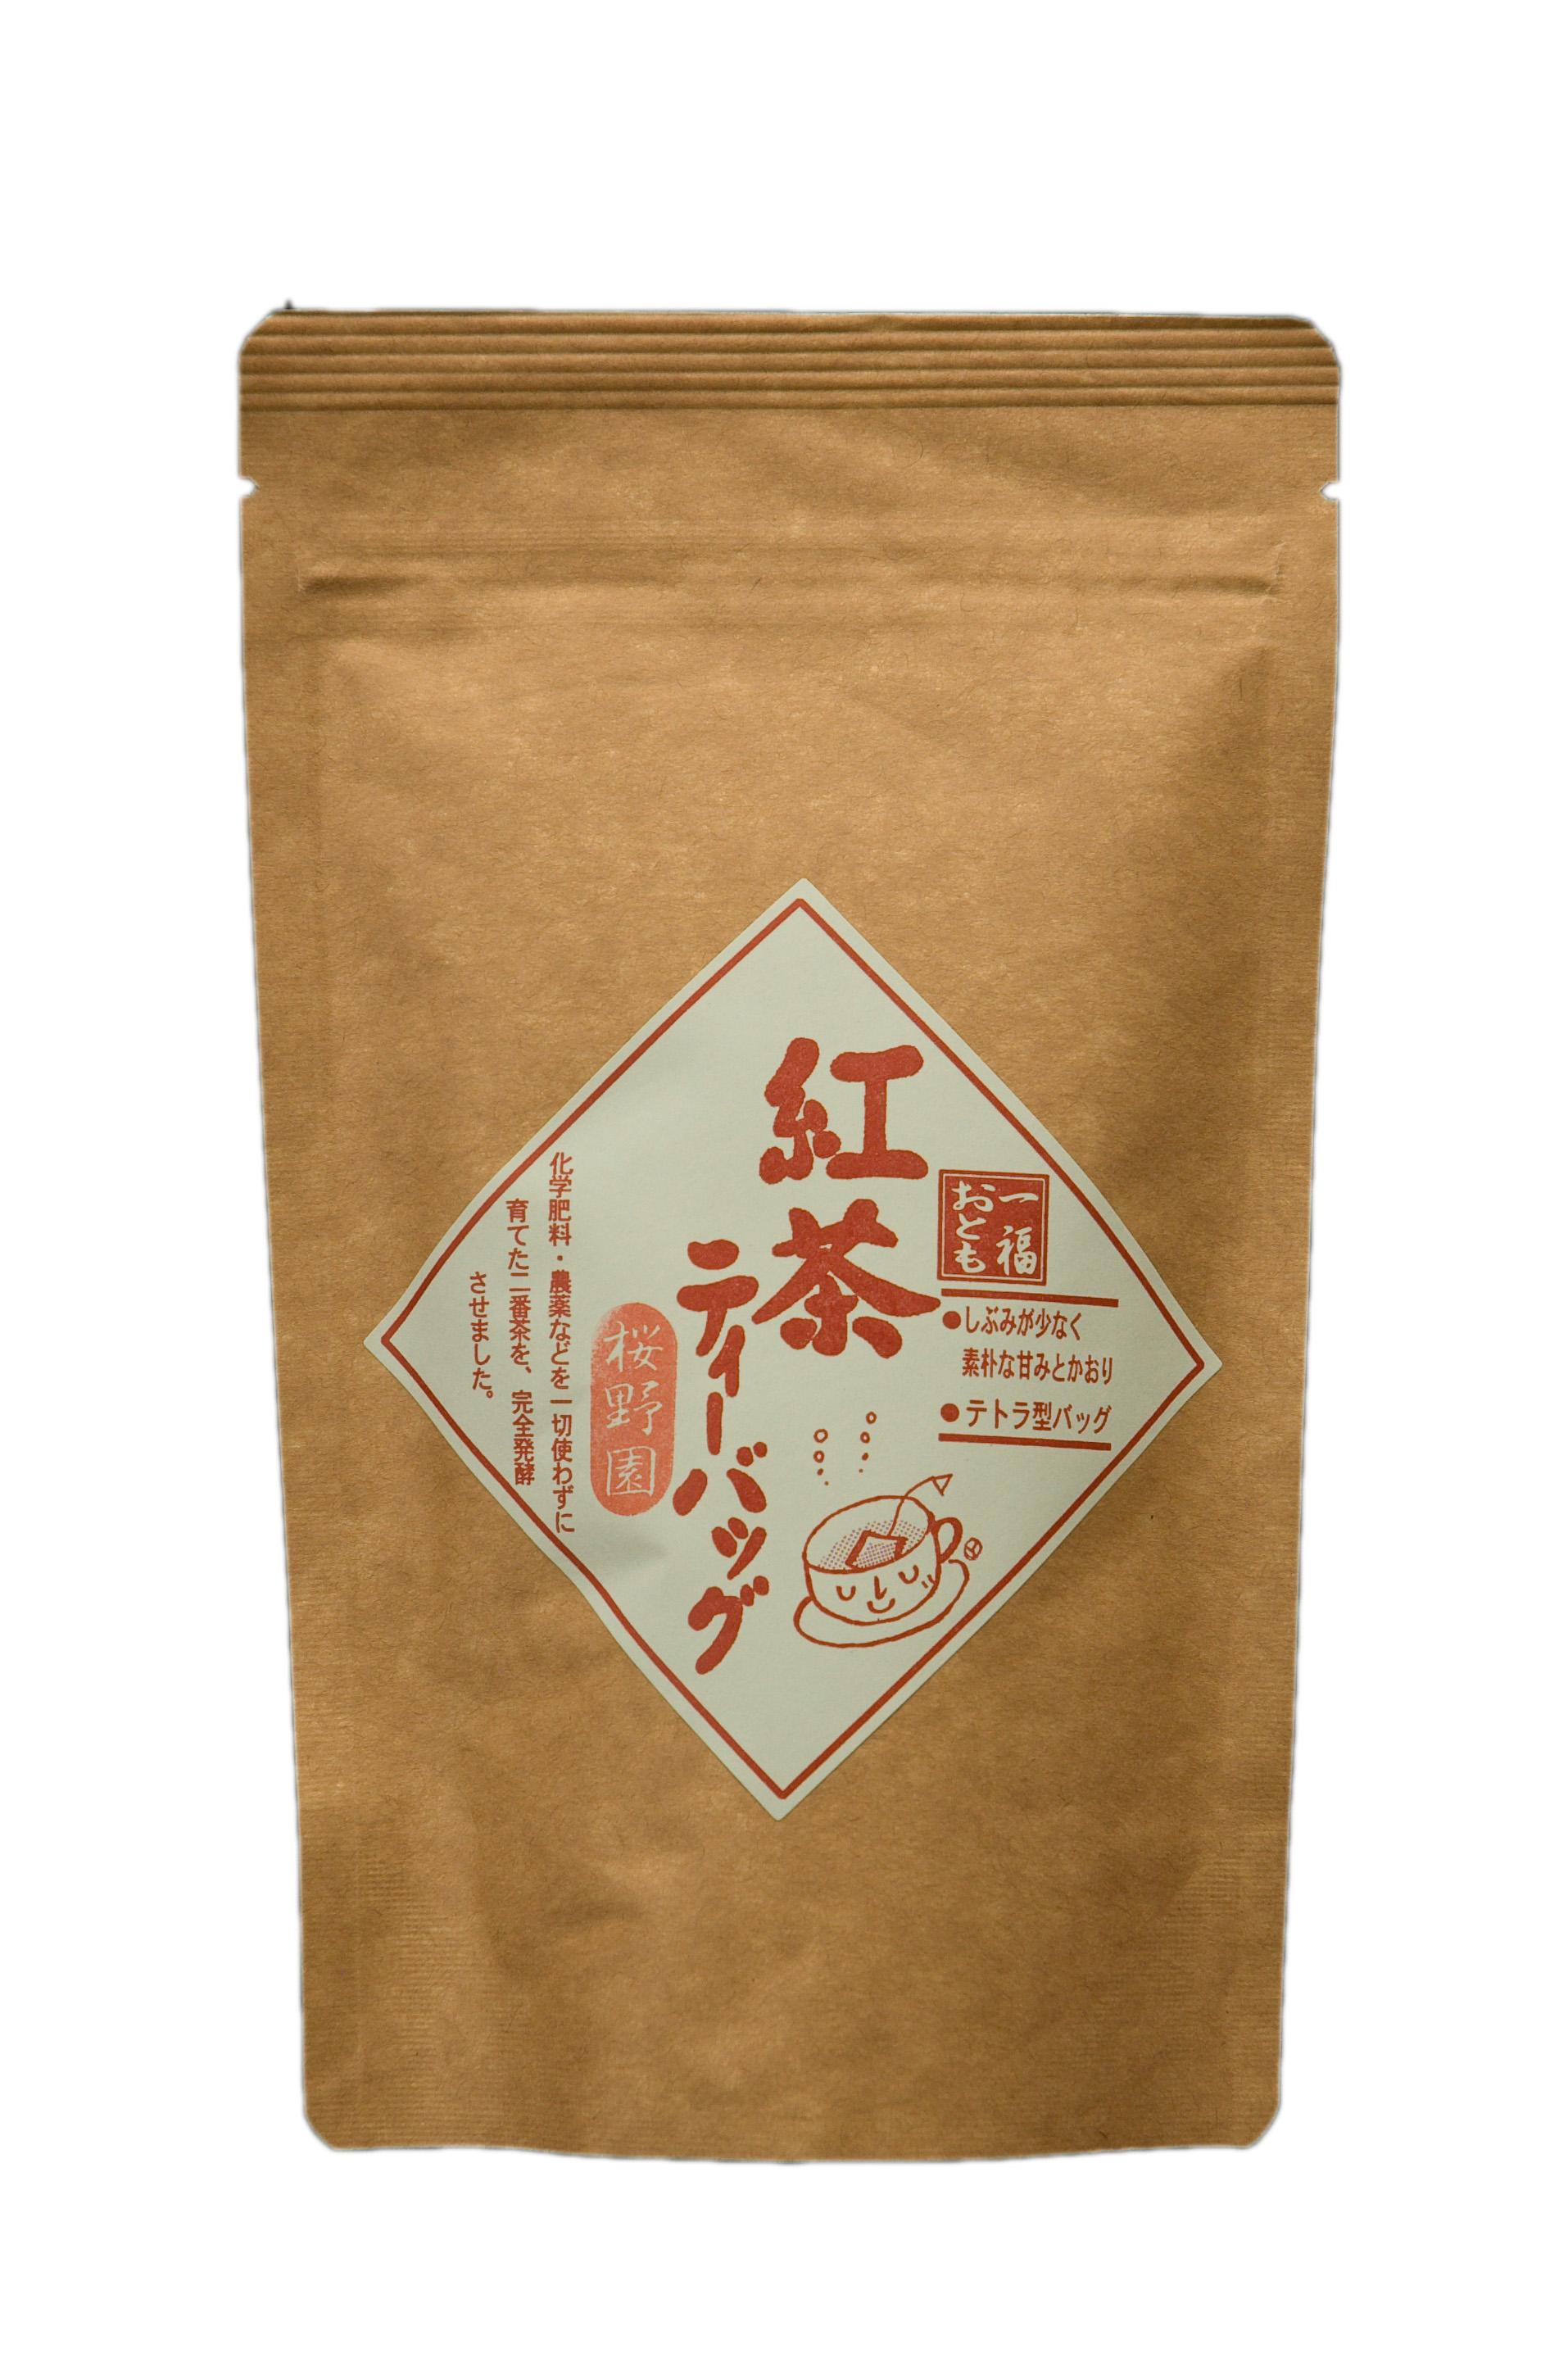 【自然栽培茶】オーガニック 熊本県産 桜野園 紅茶TB  2.5g×20p